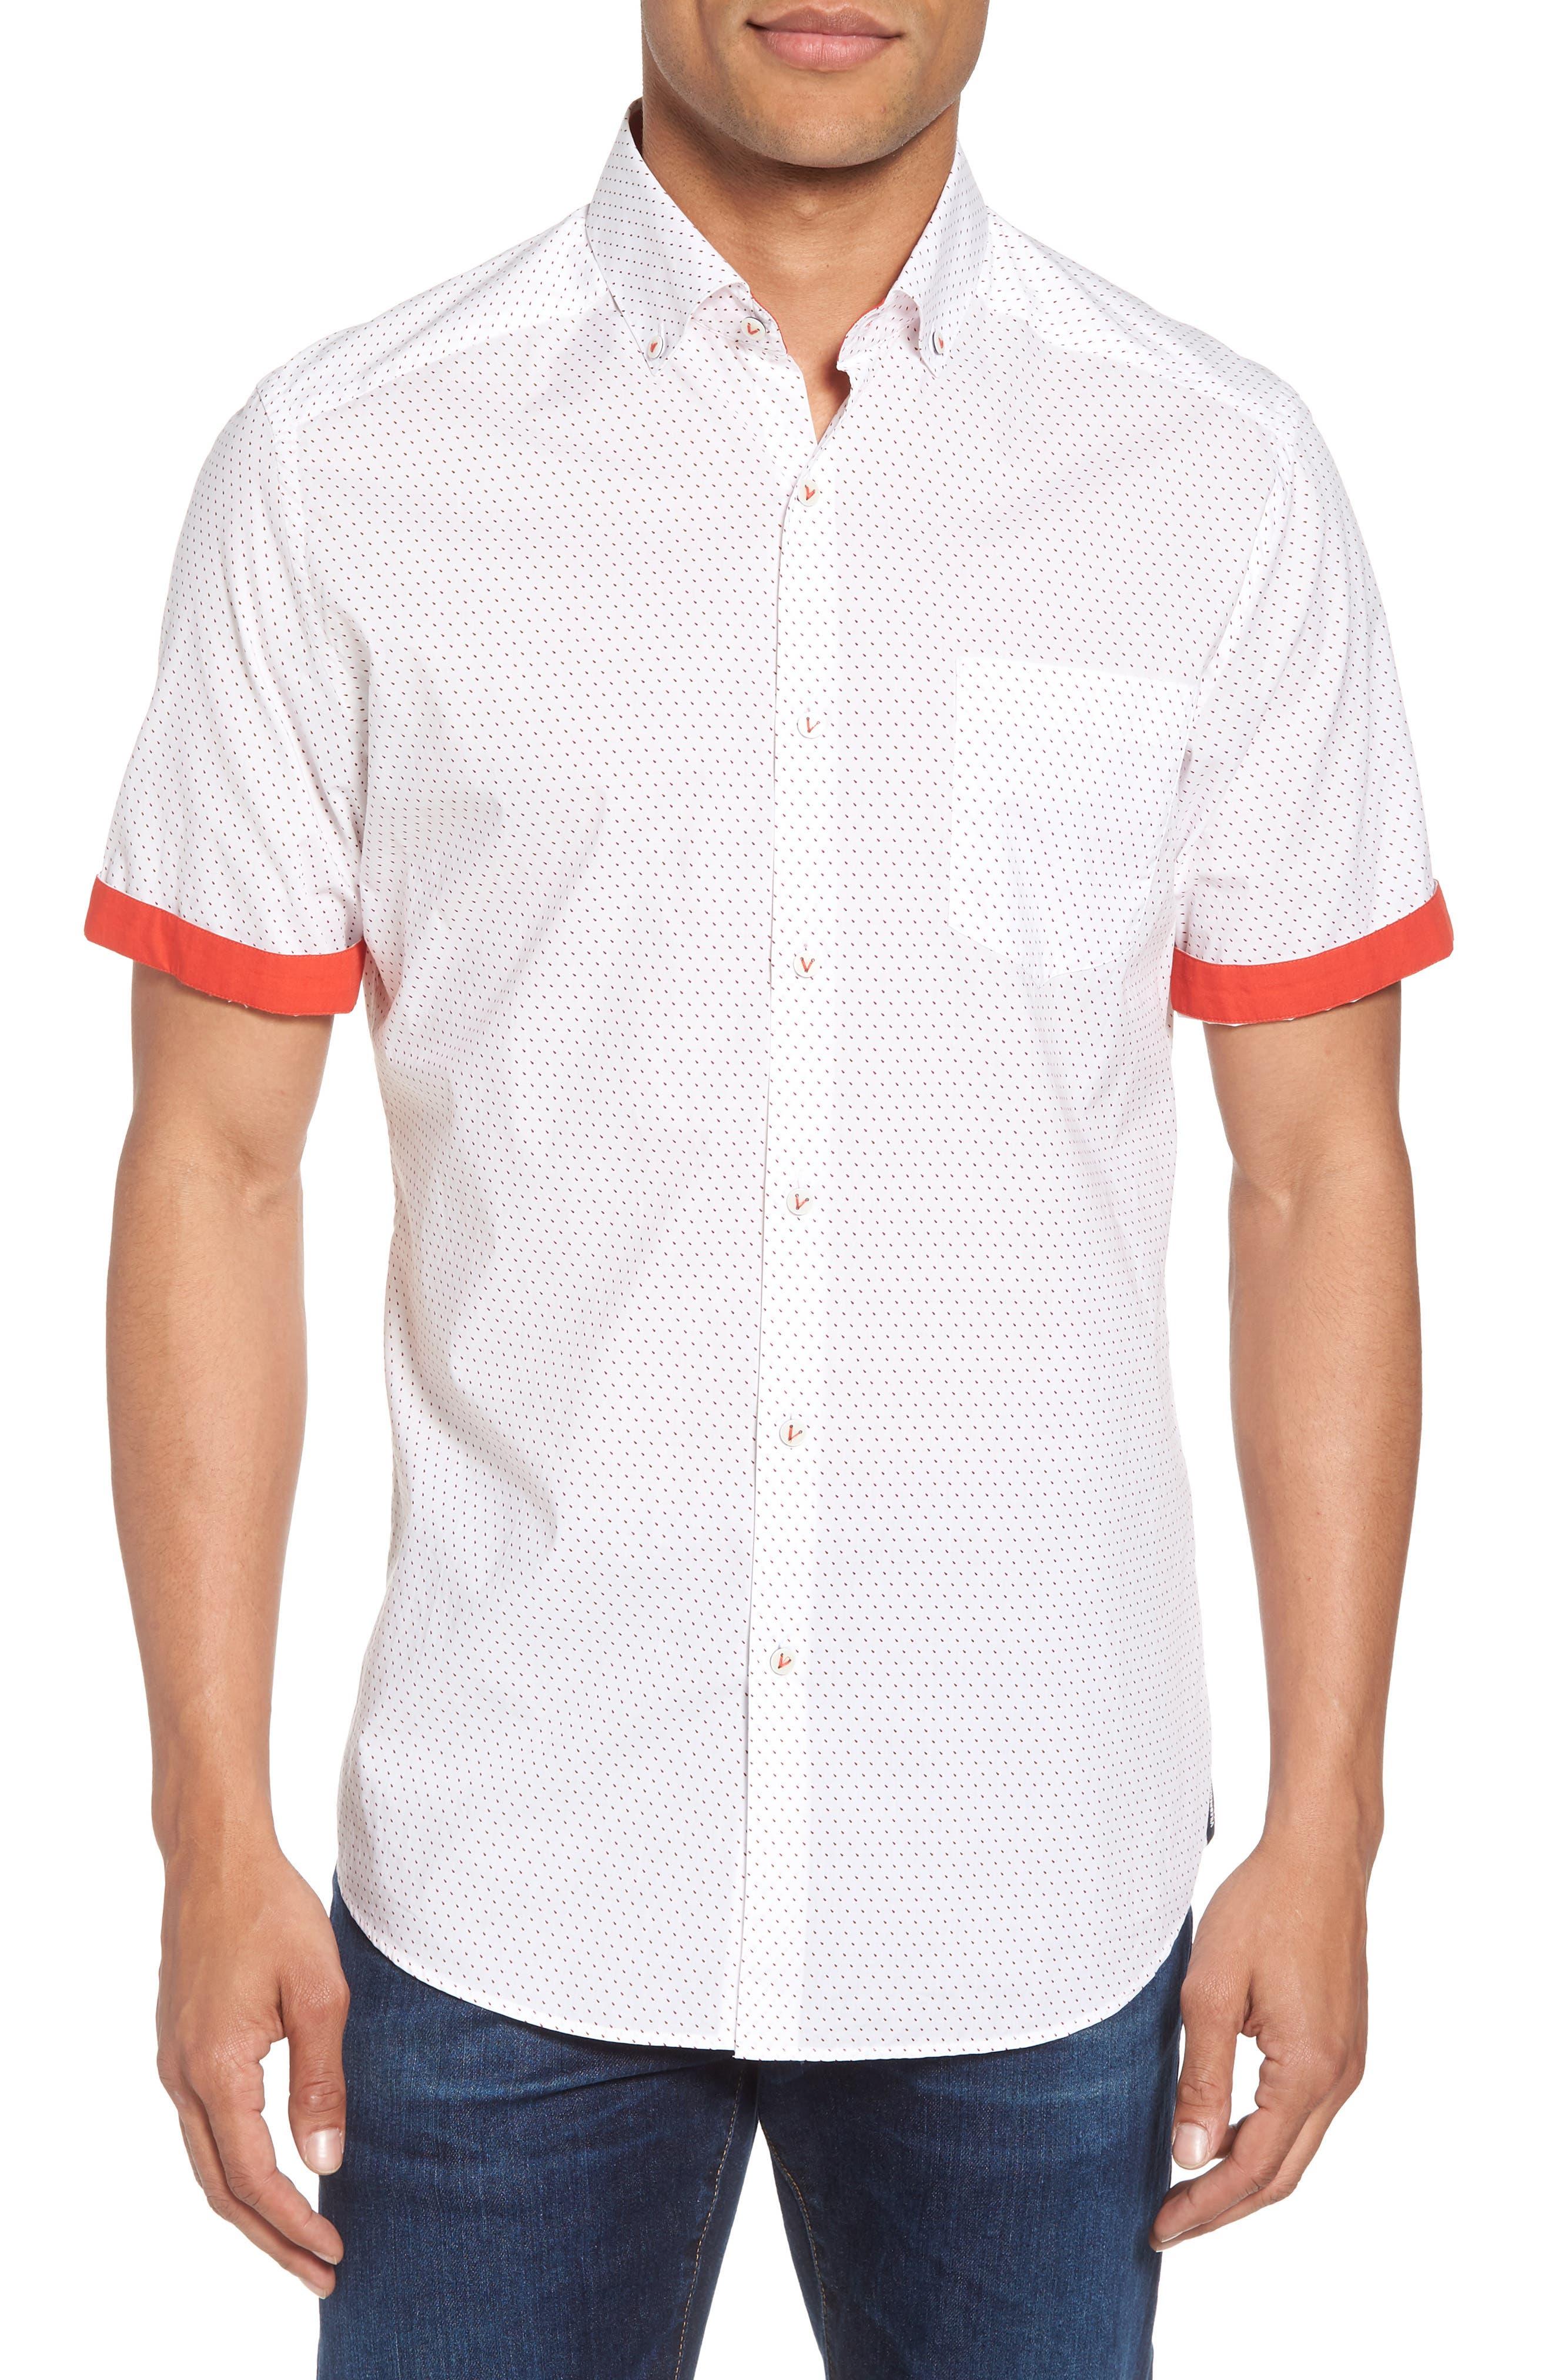 Dot Print Shirt,                             Main thumbnail 1, color,                             Canvas / Red Coral